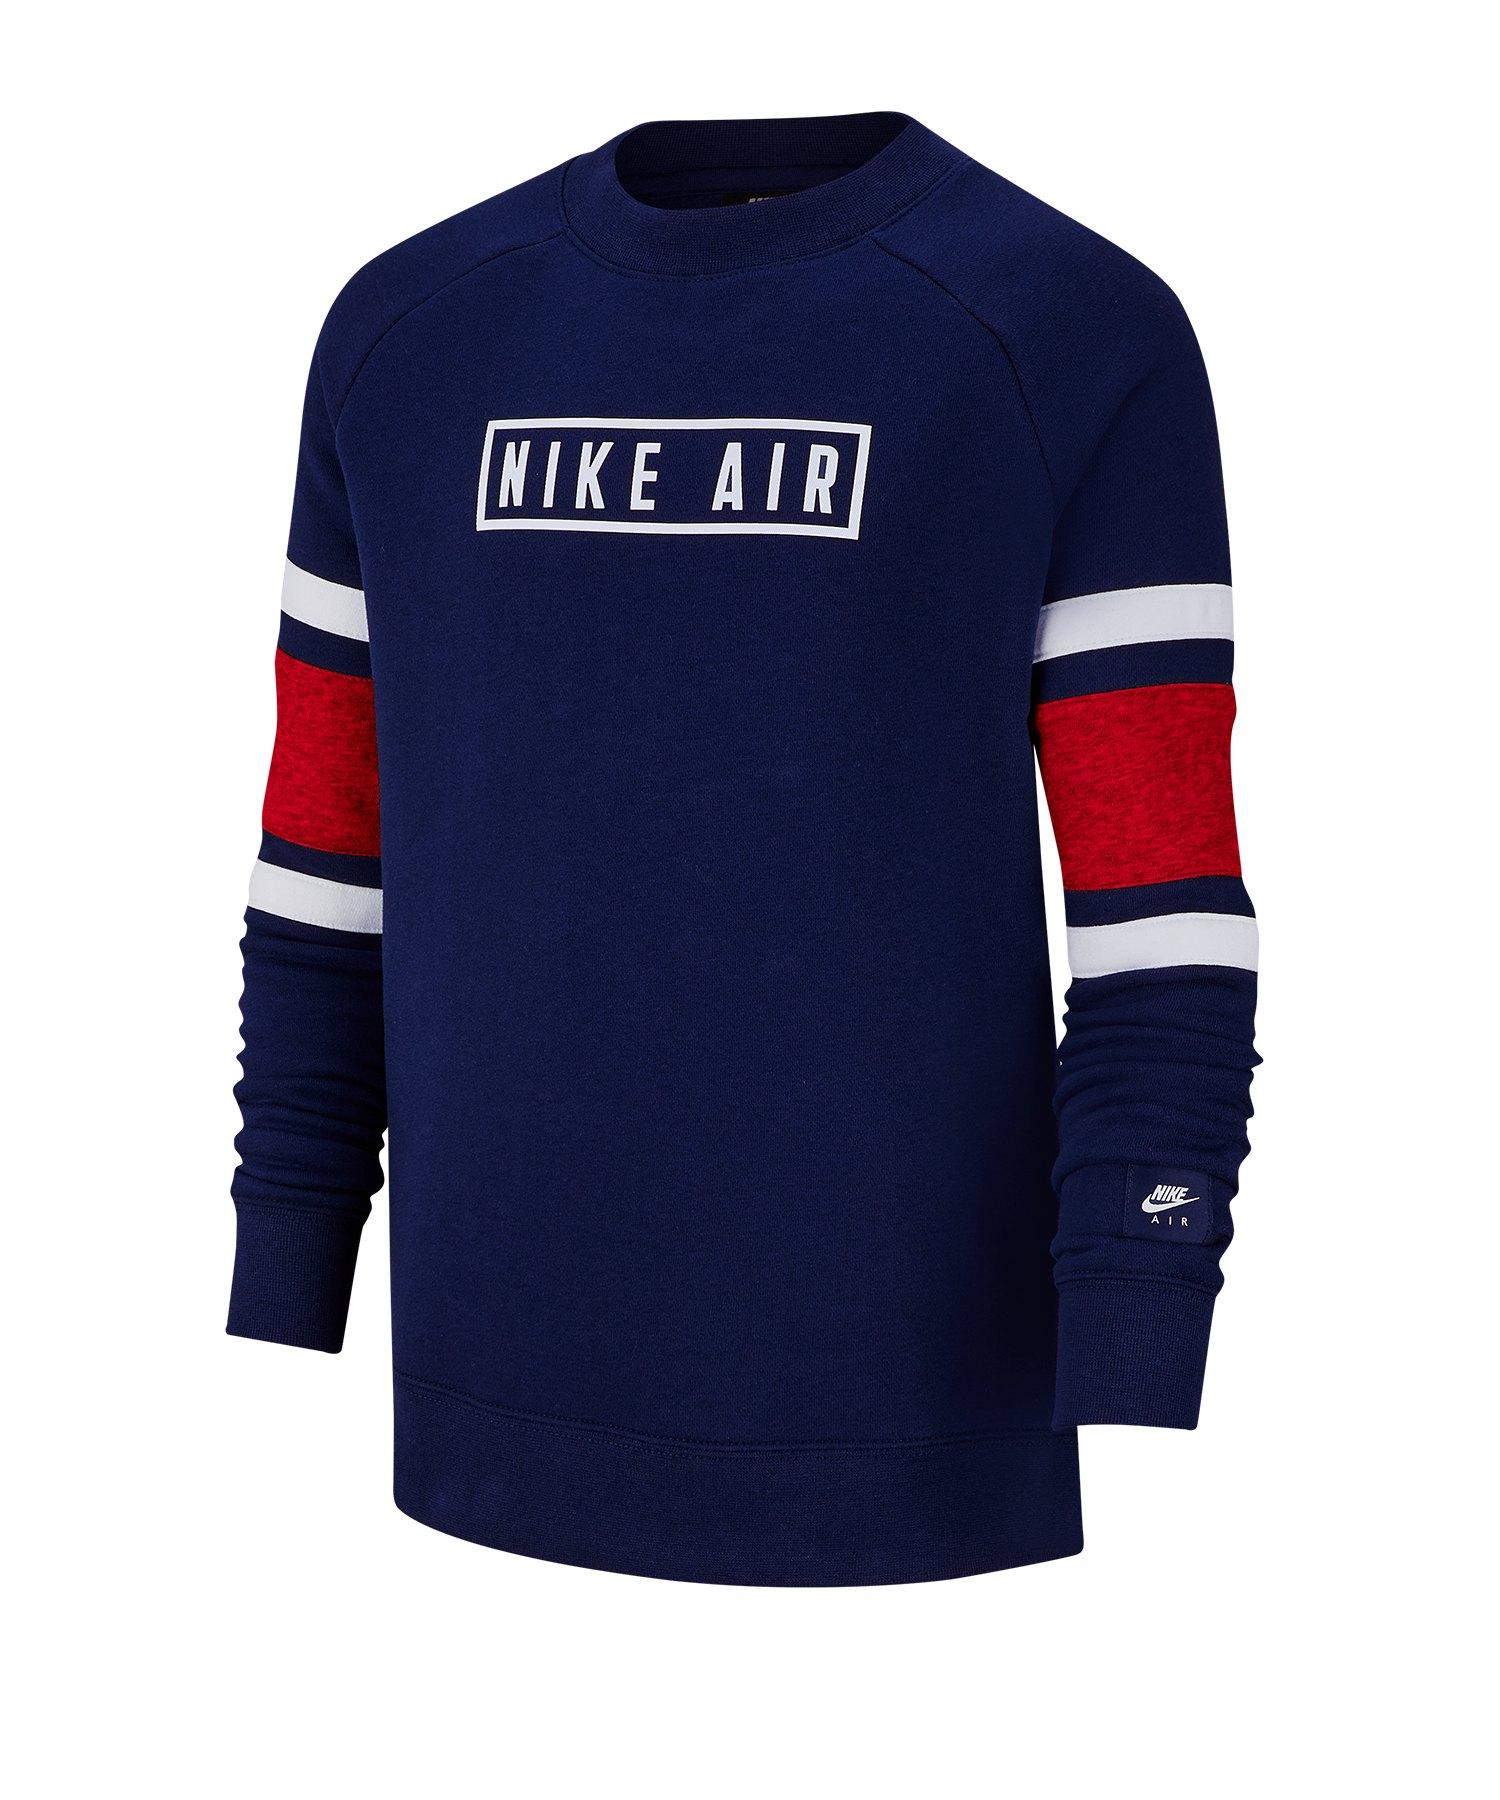 Nike Air Crew Longsleeve Kids Blau F492 - blau